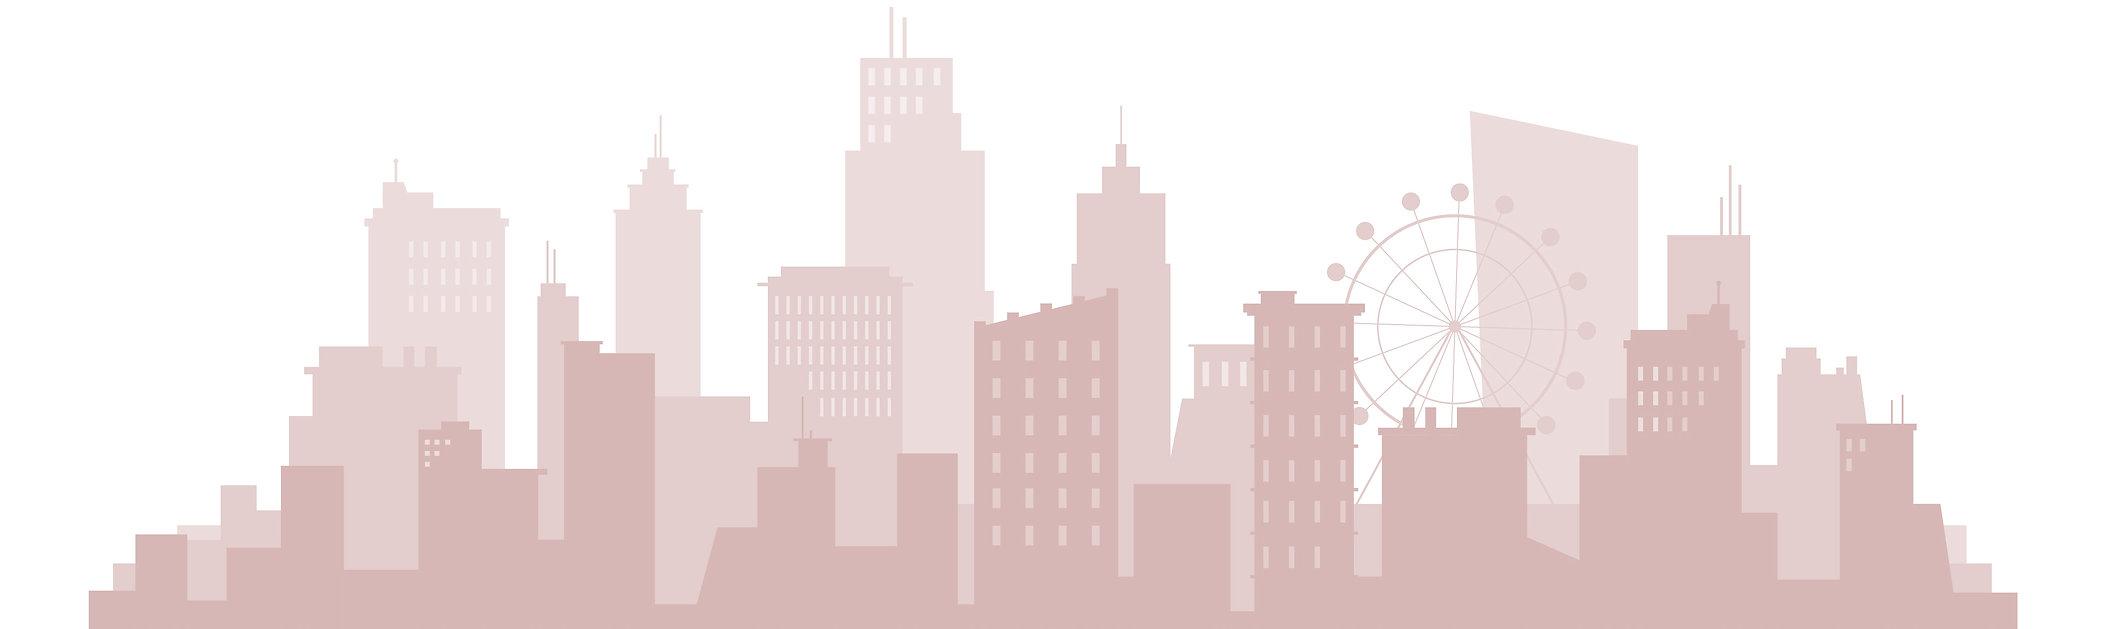 skyline-draw.jpg